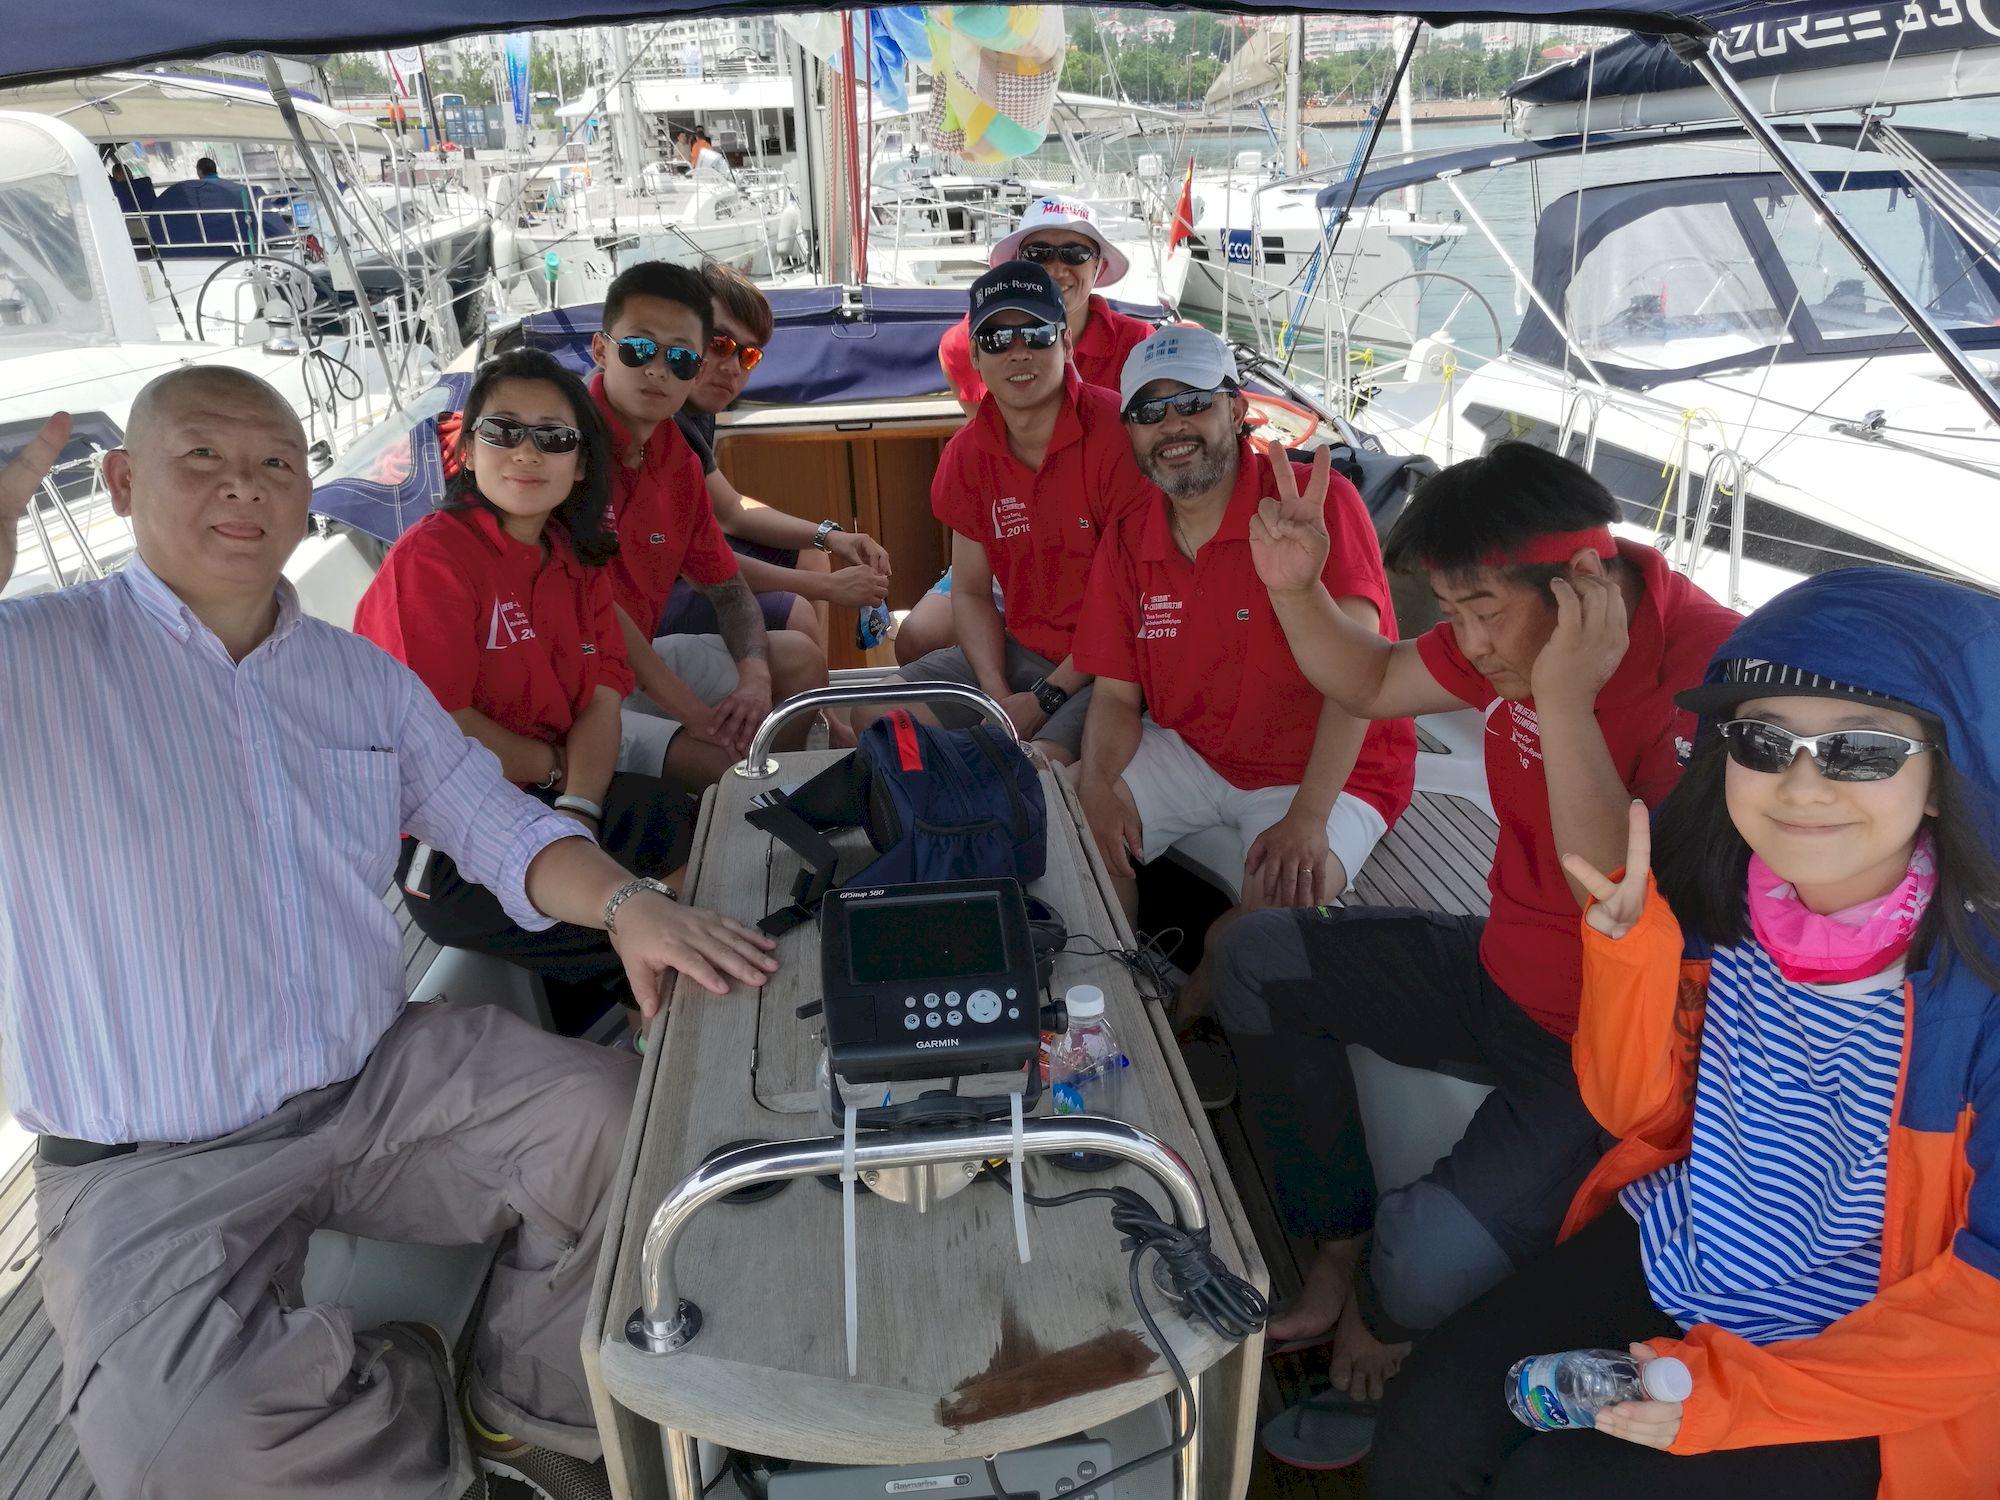 新西兰,跆拳道,俱乐部,拉力赛,青岛 向着太阳升起的地方出发:记第一次跨国远航-千航帆船-51航海网队-2016威海仁川 002-IMG_2778_千帆俱乐部我要航海网帆船队-2016威海-仁川国际帆船赛.JPG